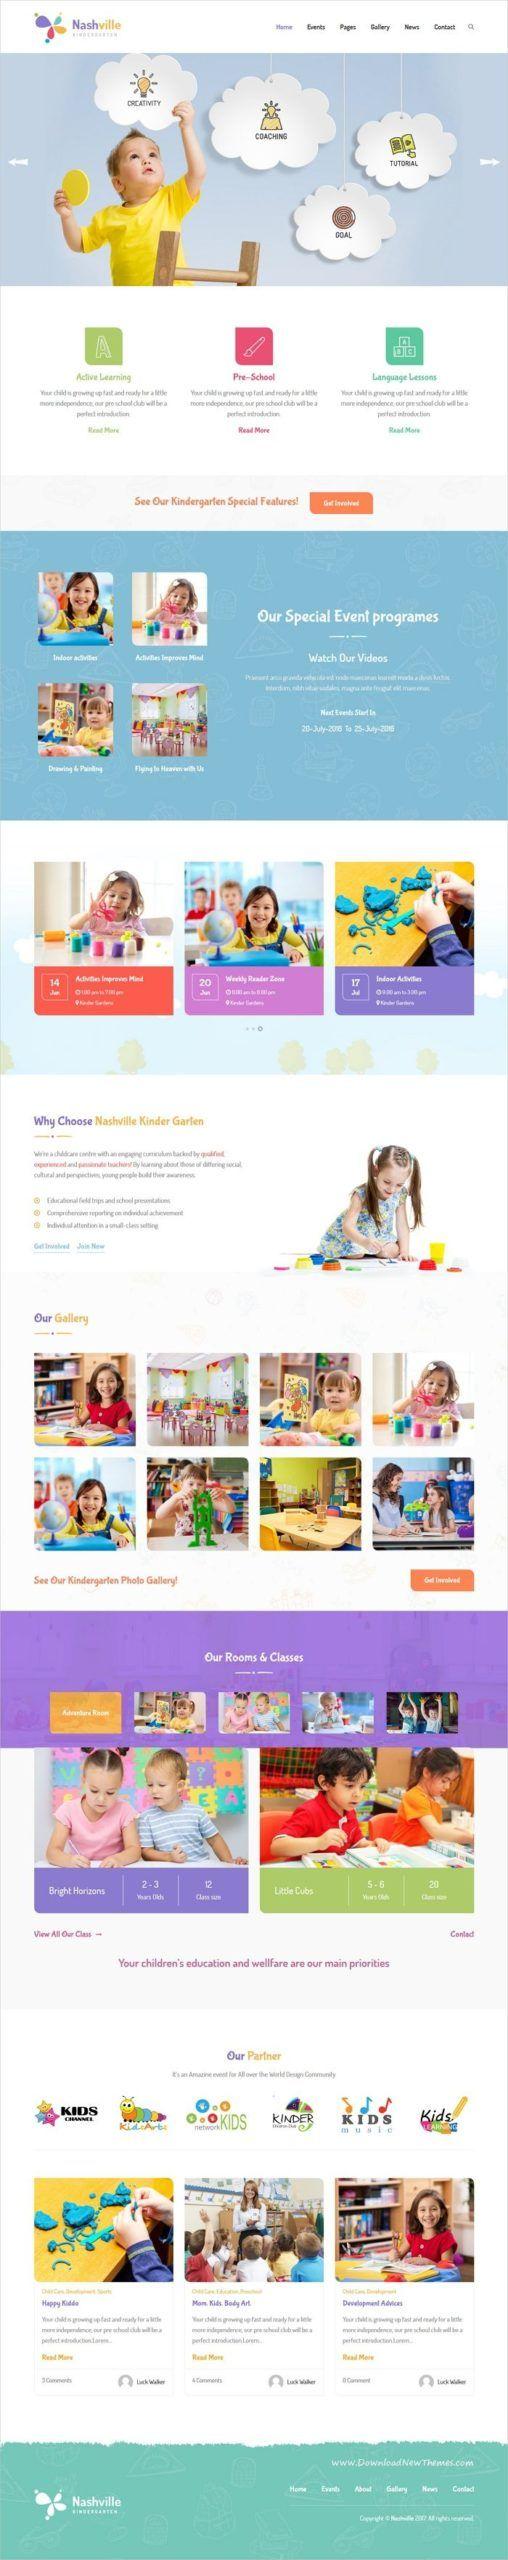 Nashville Ist Ein Farbenfrohes Und Ansprechendes Wordpress Theme Fur Kindergarten Und P In 2020 Wordpress Theme Nashville Web Design